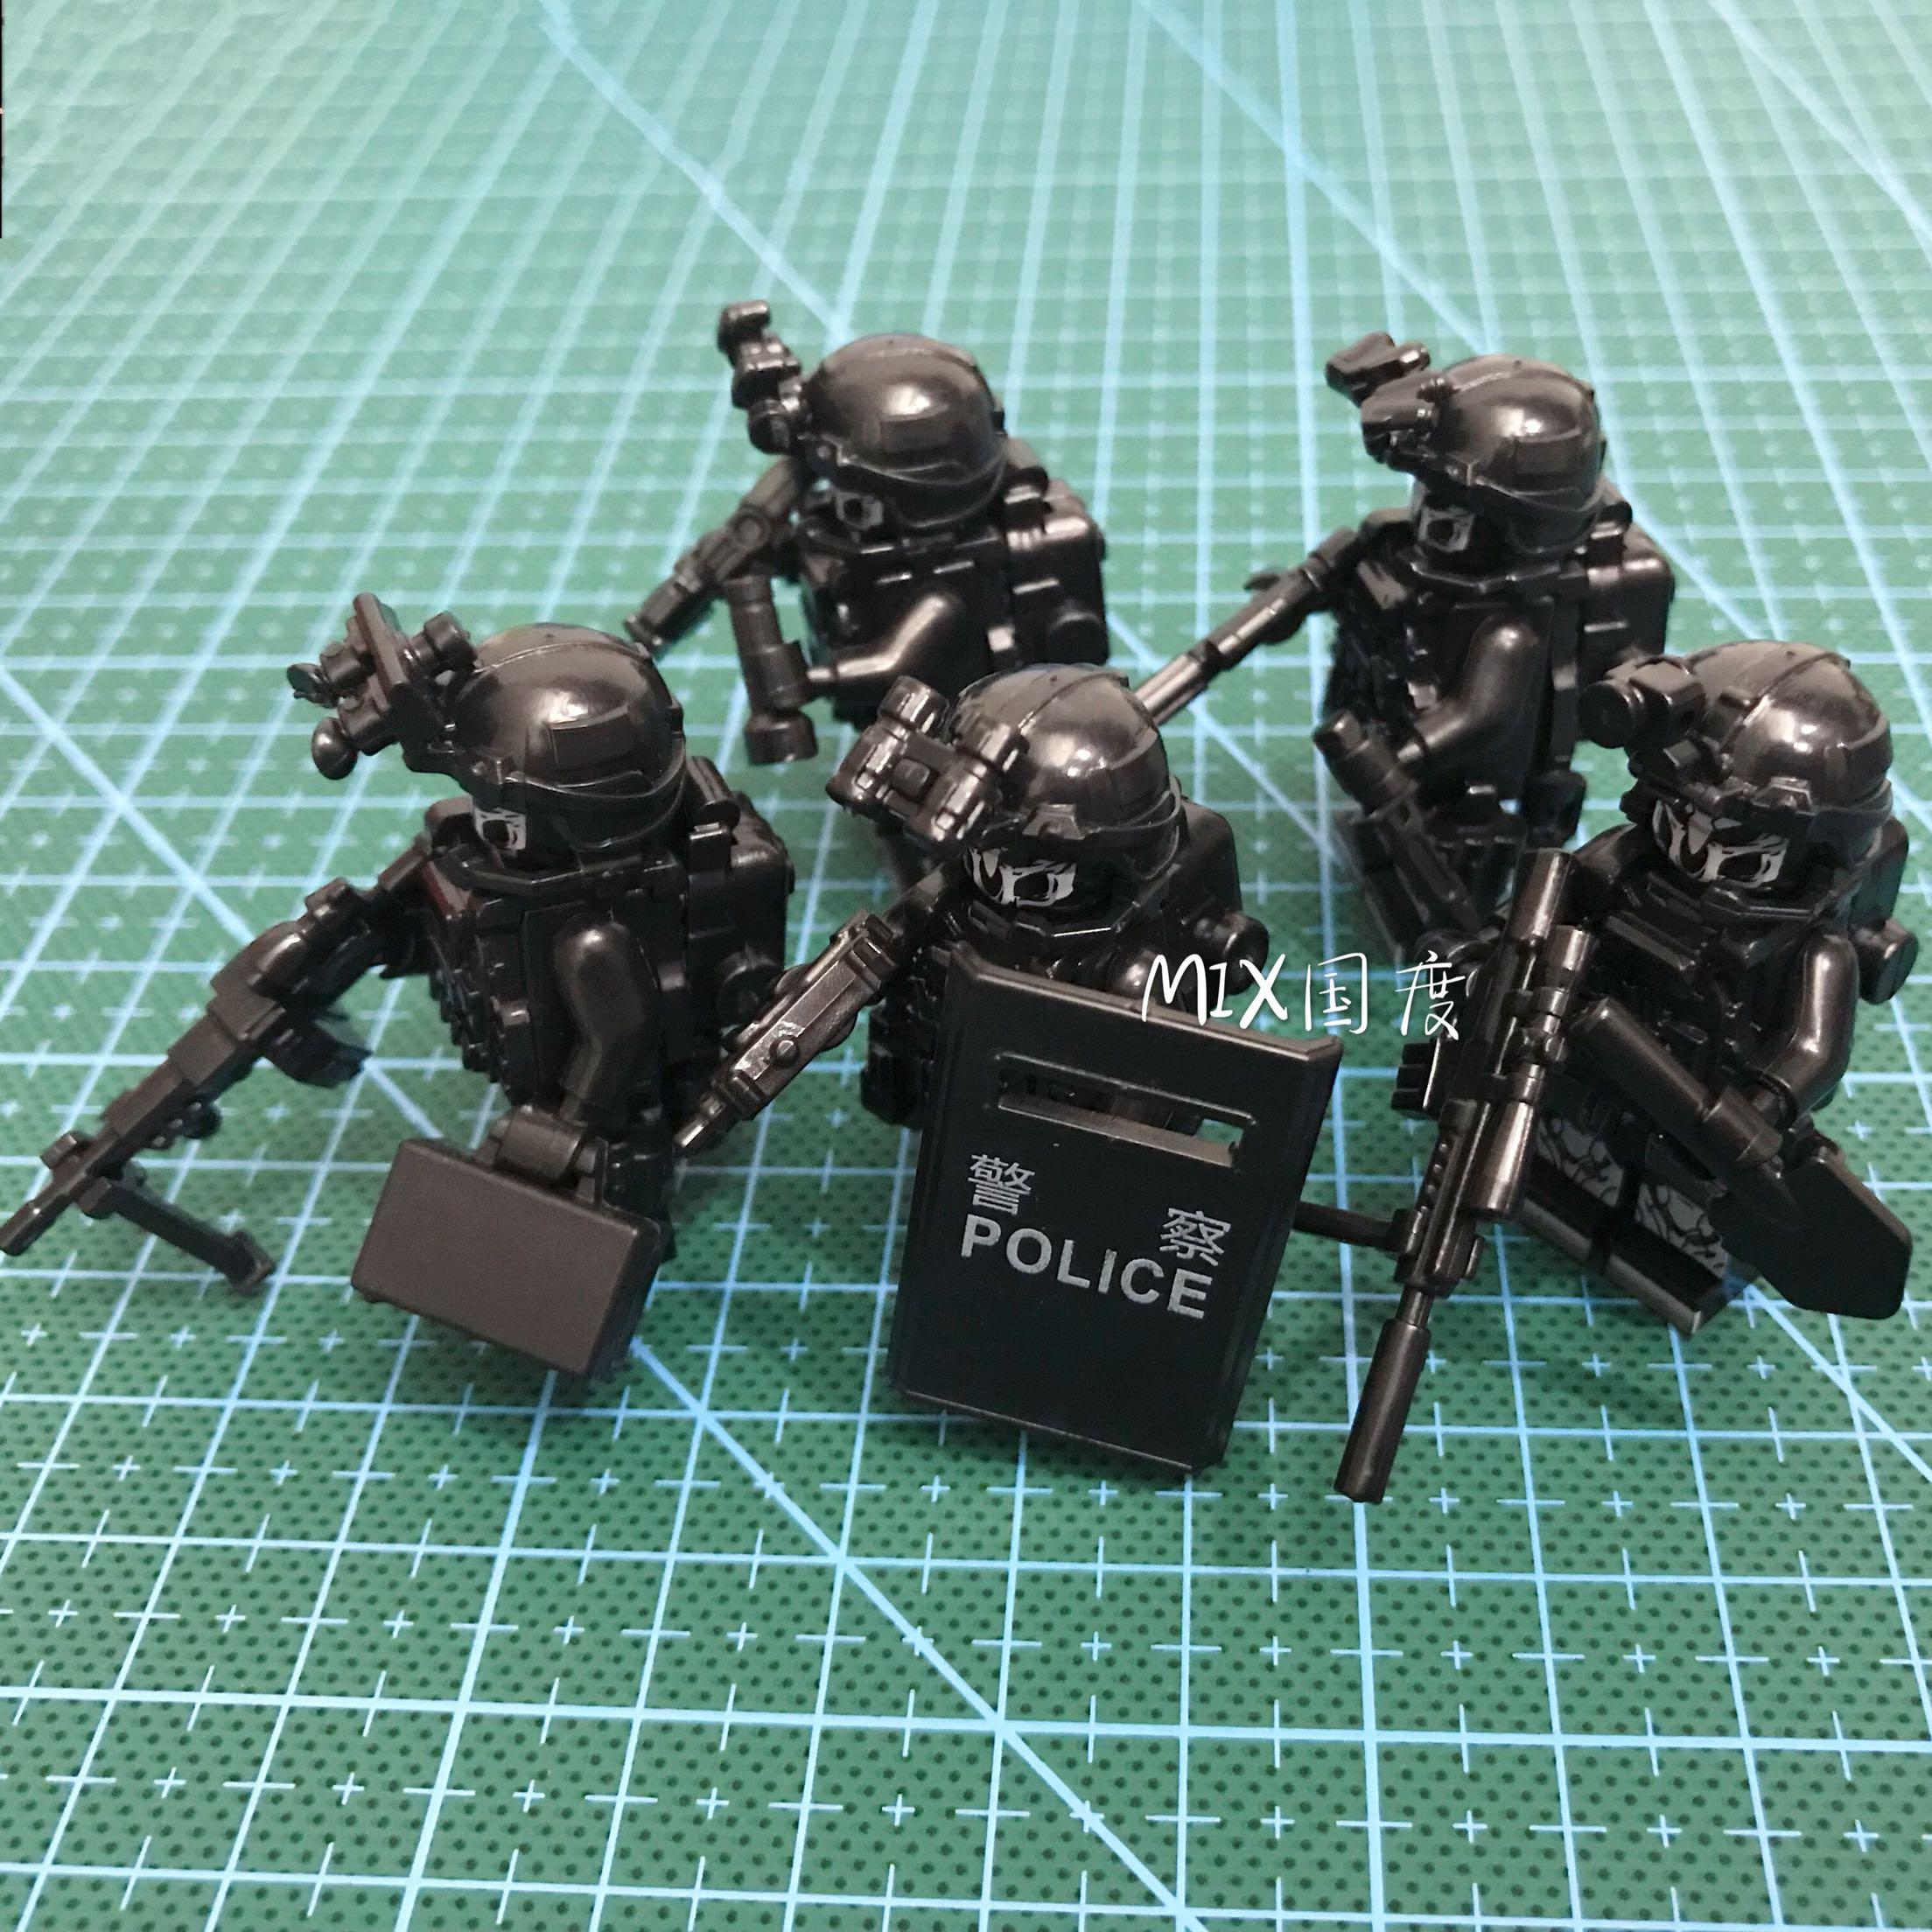 幽靈反恐特戰小隊限量珍藏版武裝全套樂得品高sy積木玩具配件人仔